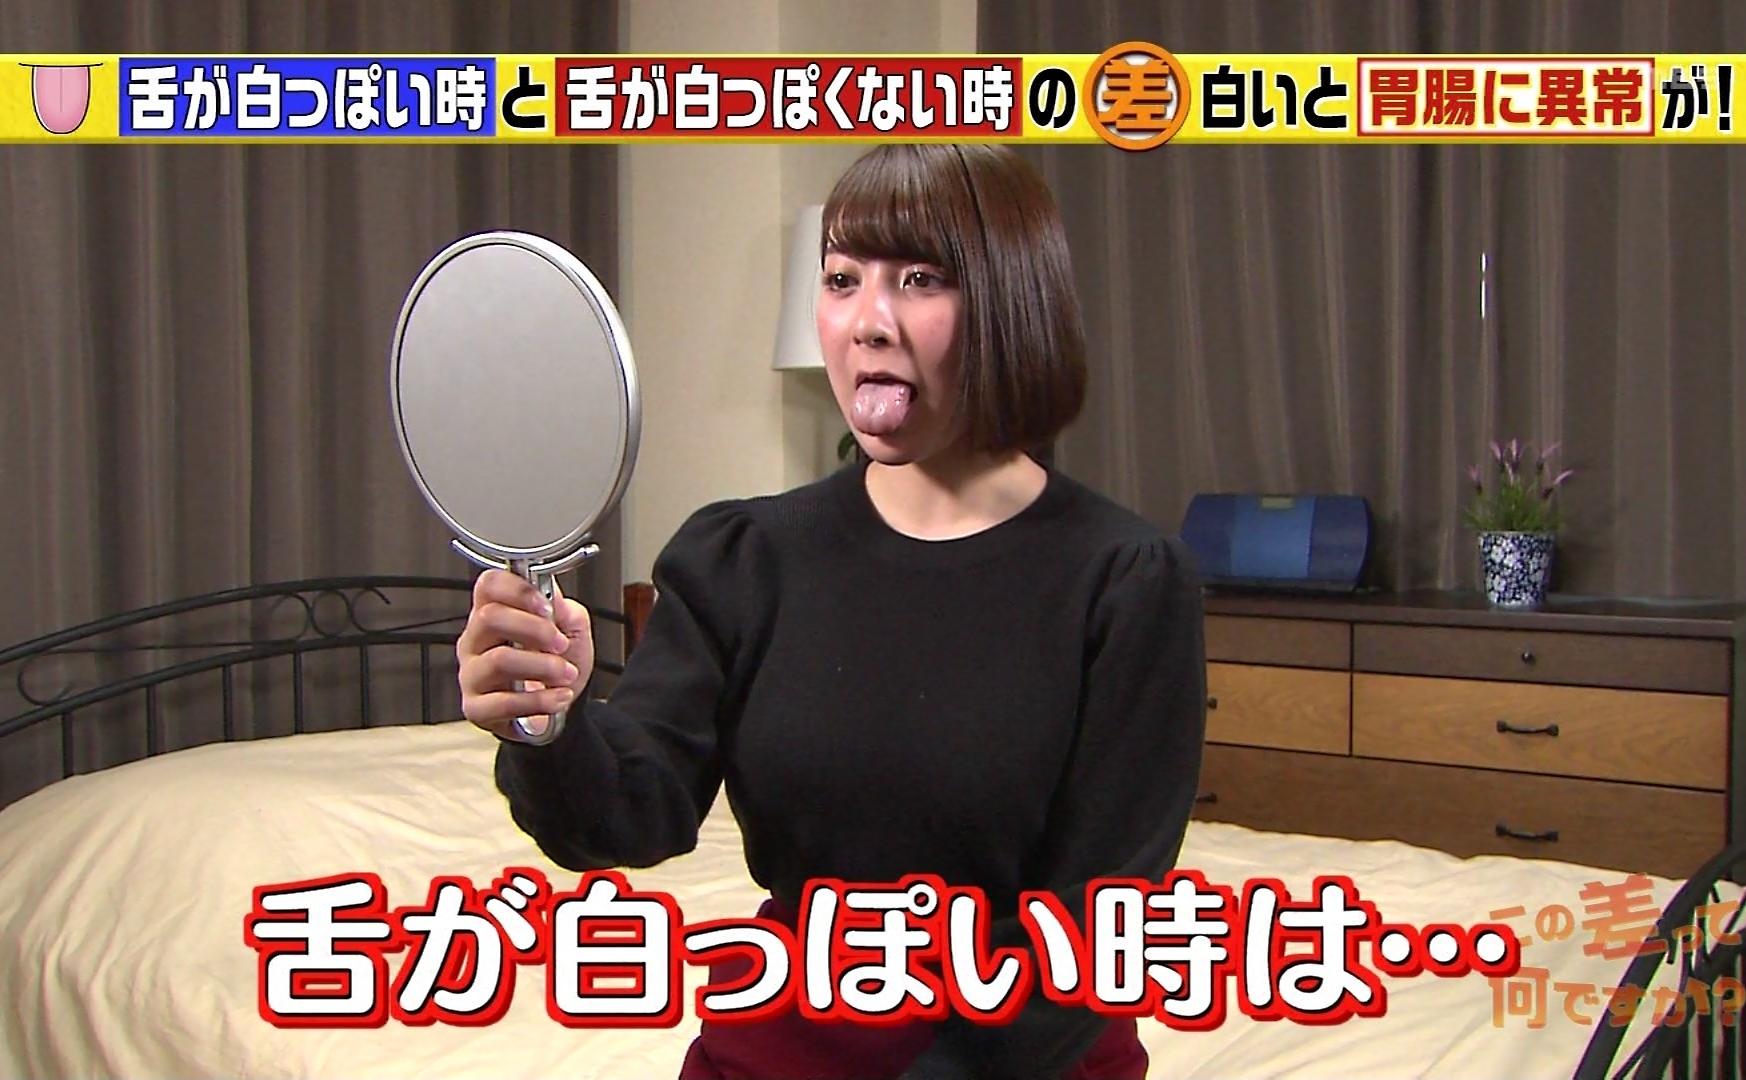 紺野栞の舌出し (2)